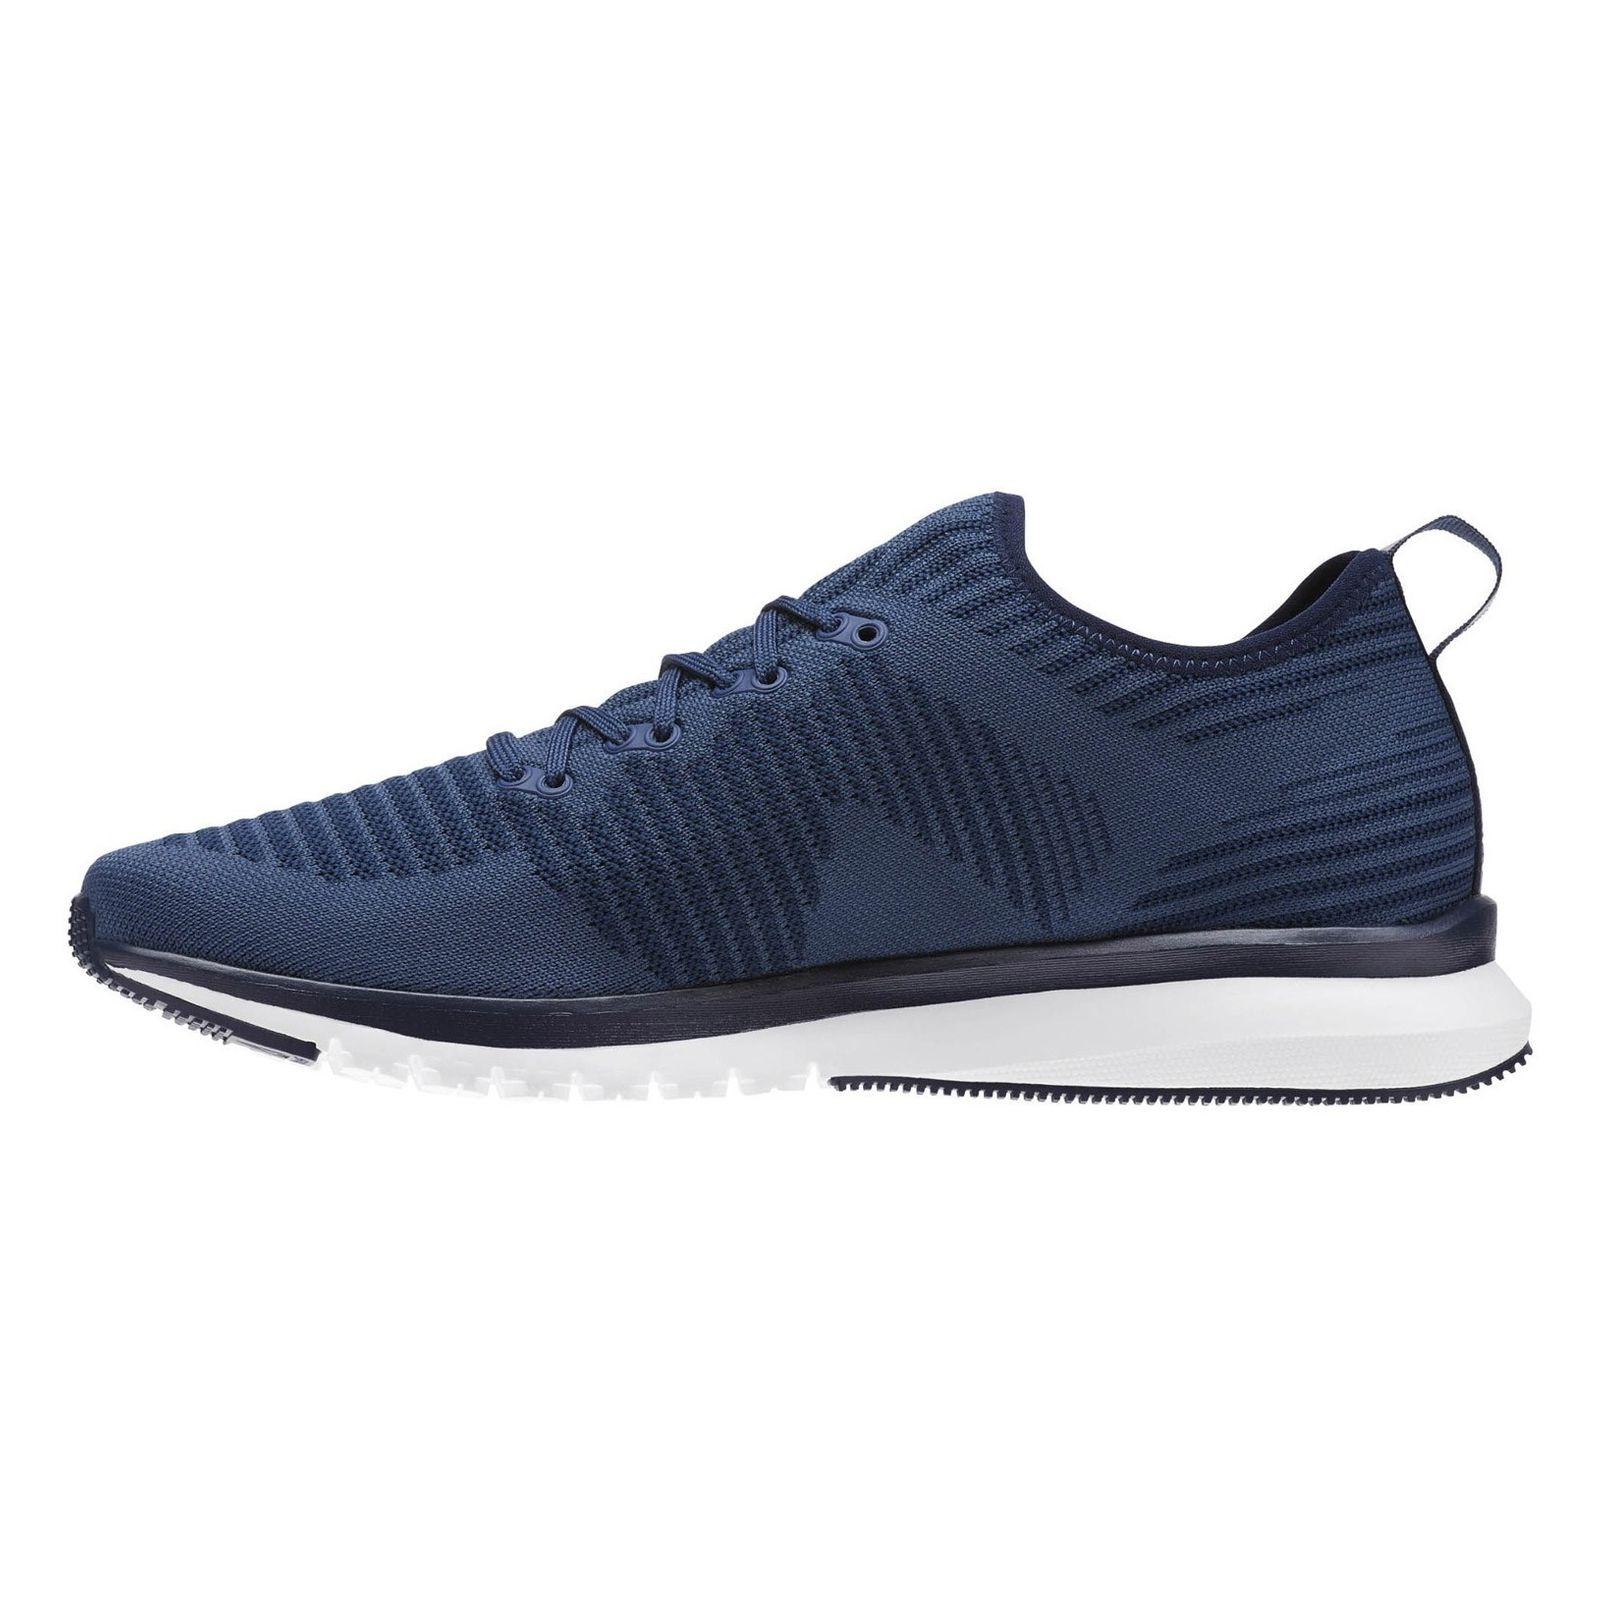 کفش مخصوص دویدن مردانه ریباک مدل Print Smooth 2.0 ULTK - آبي تيره  - 6